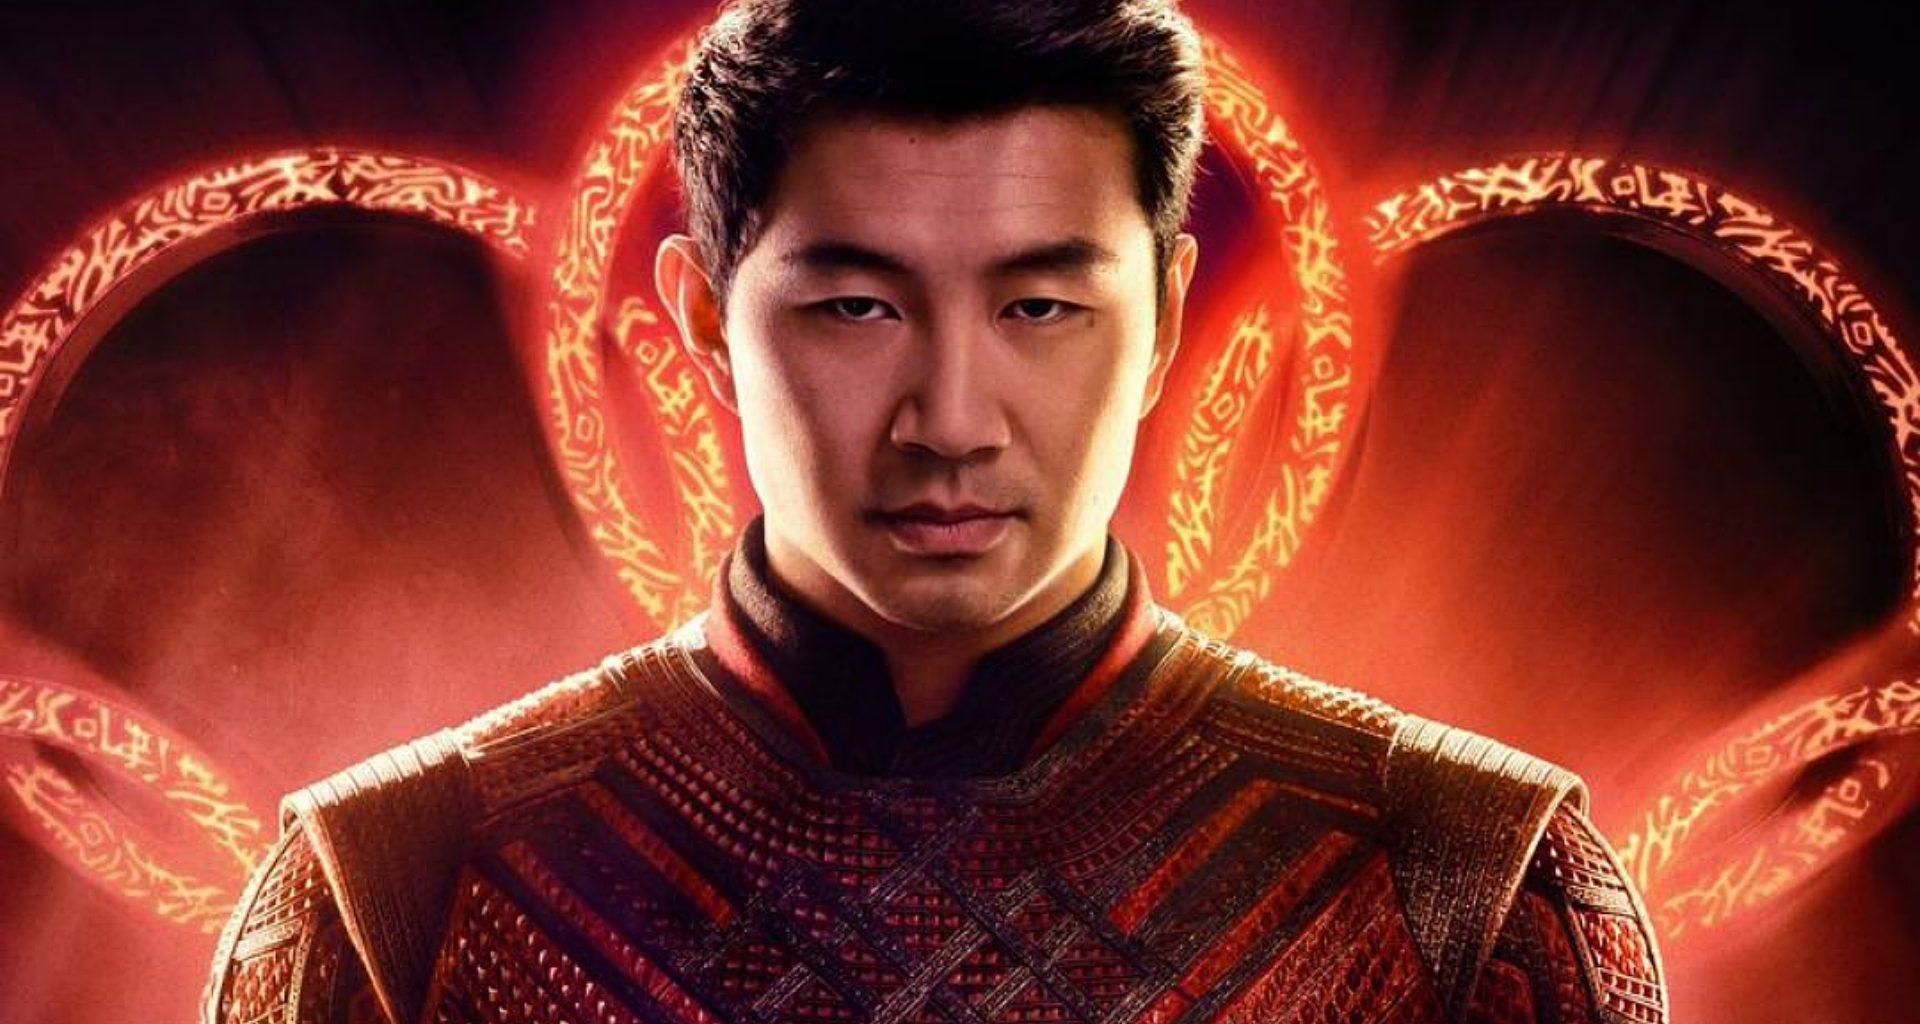 Shang Chi e a Lenda dos Dez Aneis